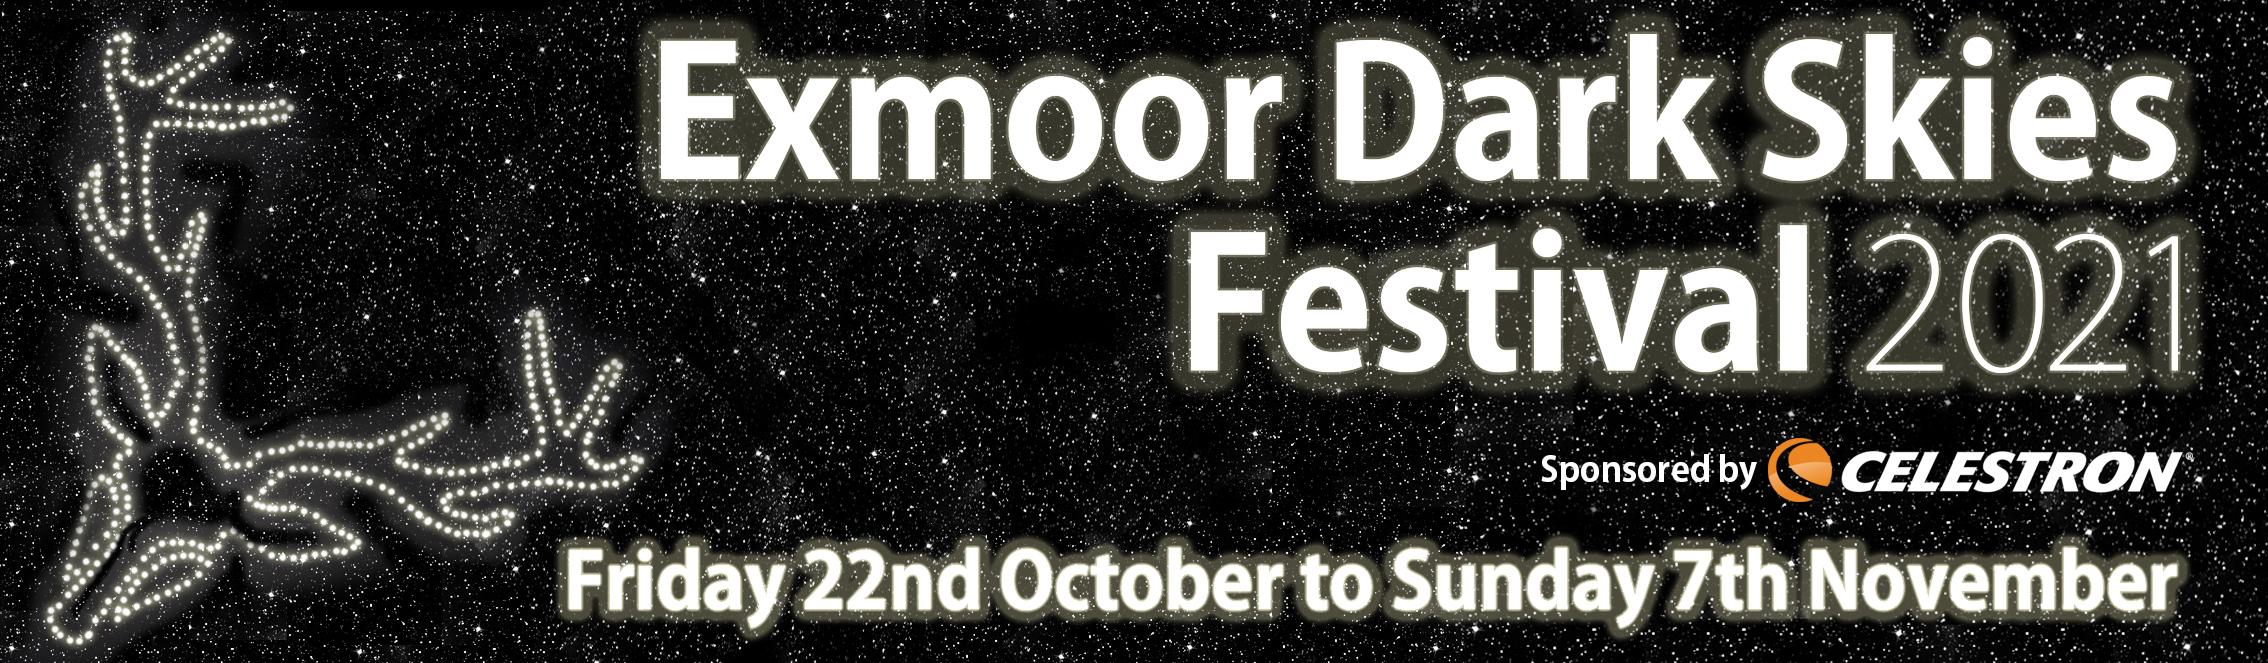 Dark Skies Fringe Festival logo